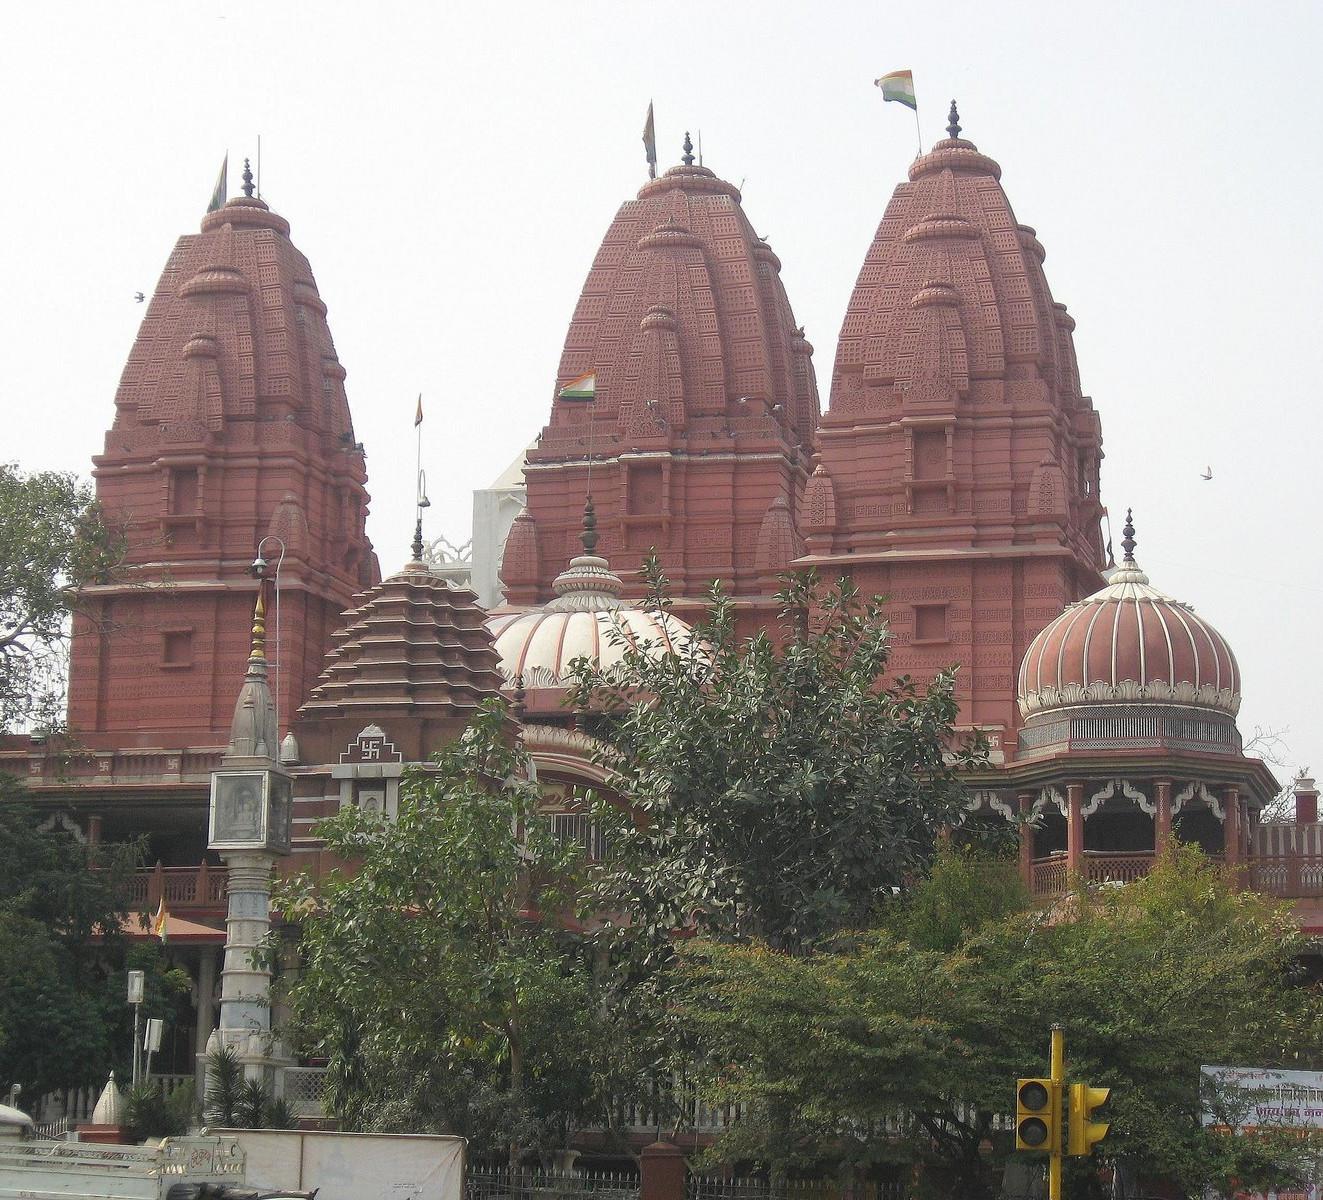 Sri Digambar Jain Lal Mandir 2-1